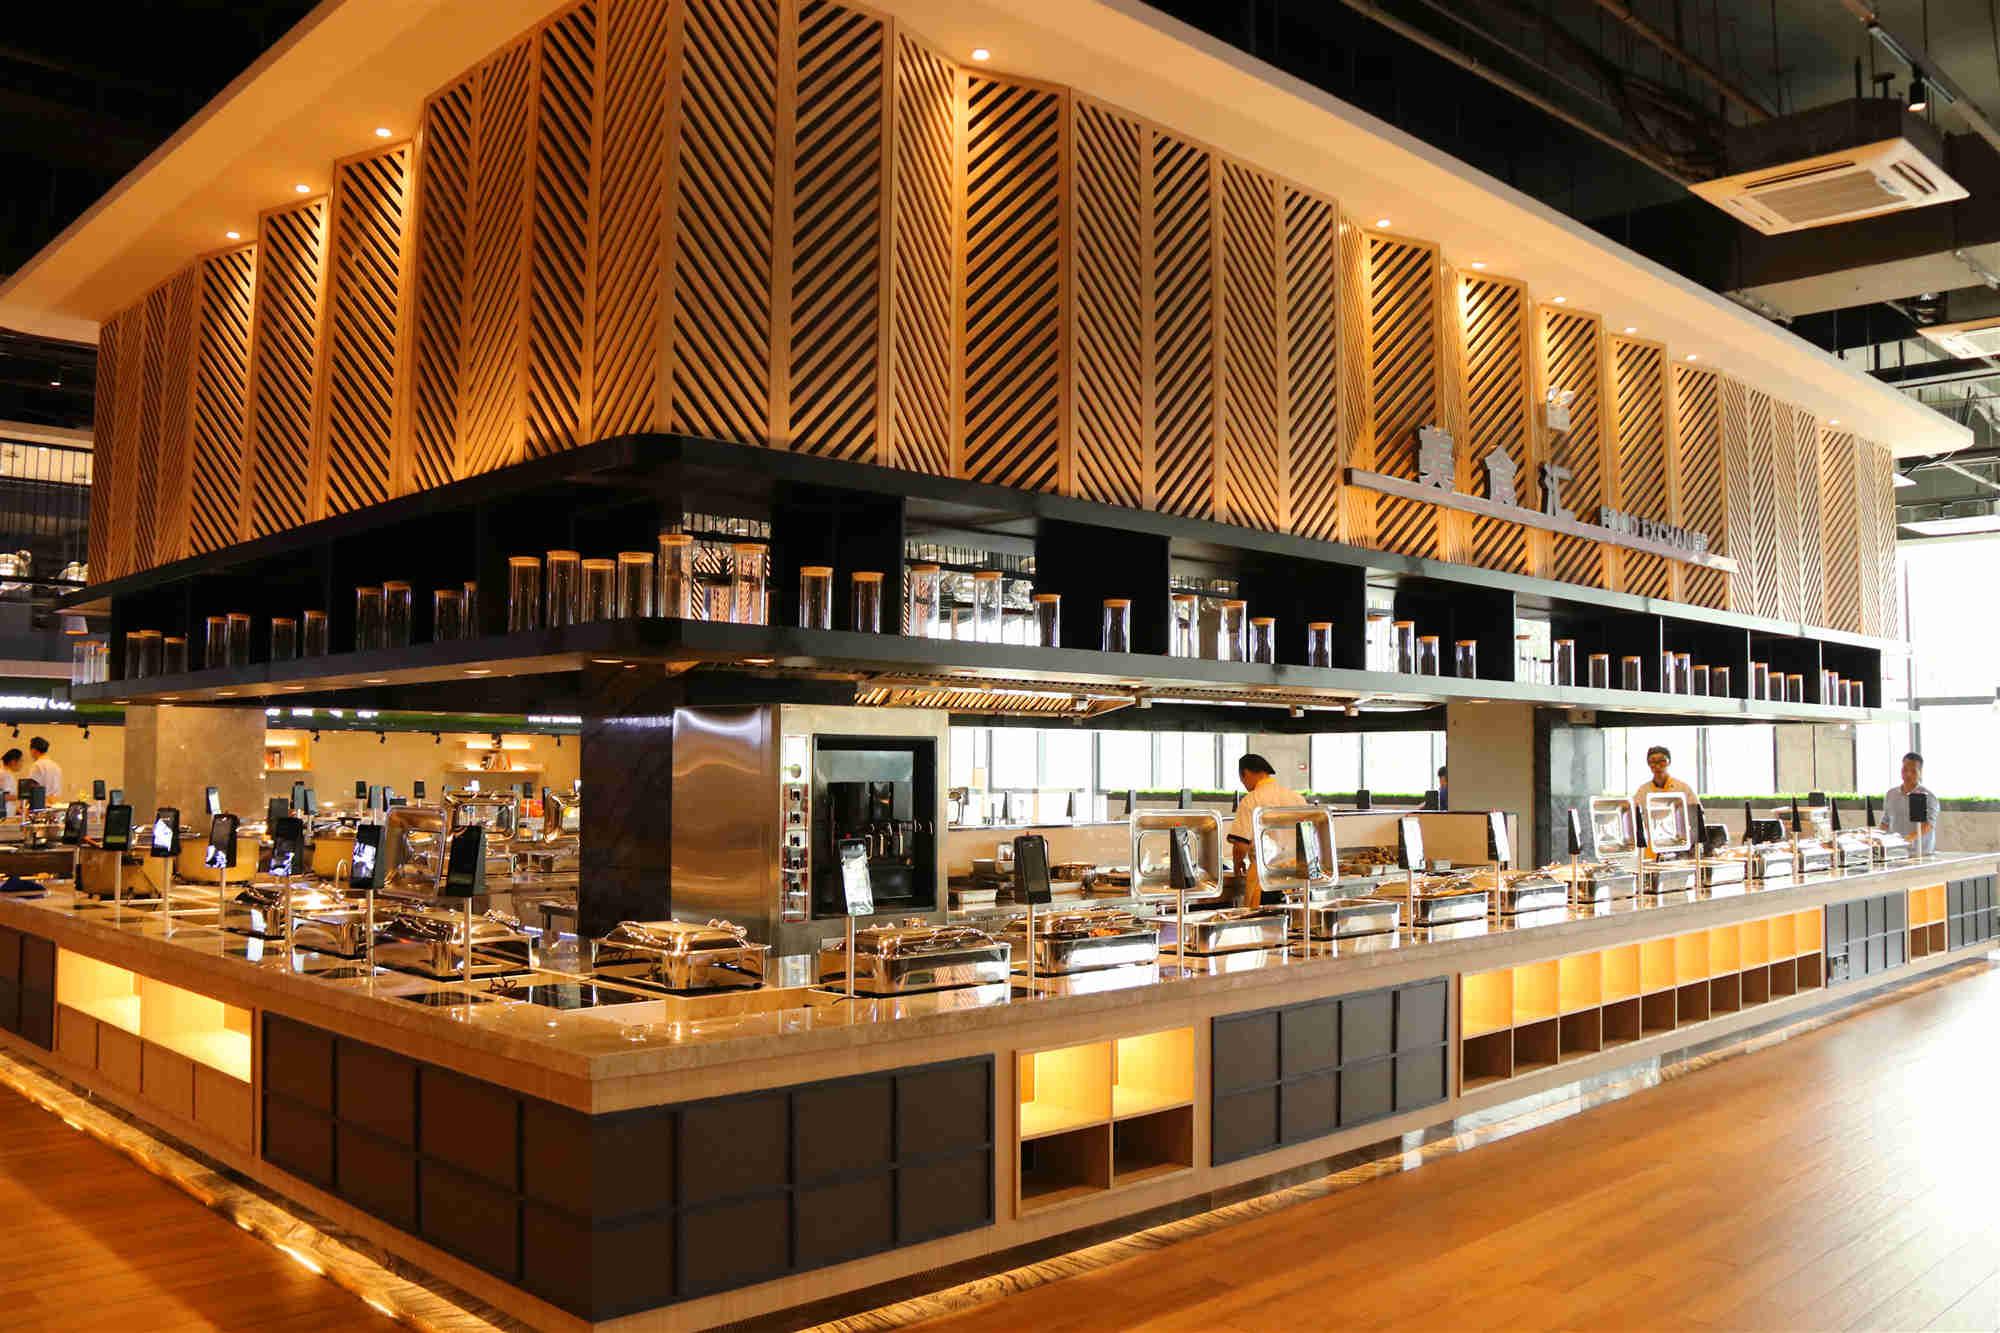 松湖智谷智能餐厅.jpg